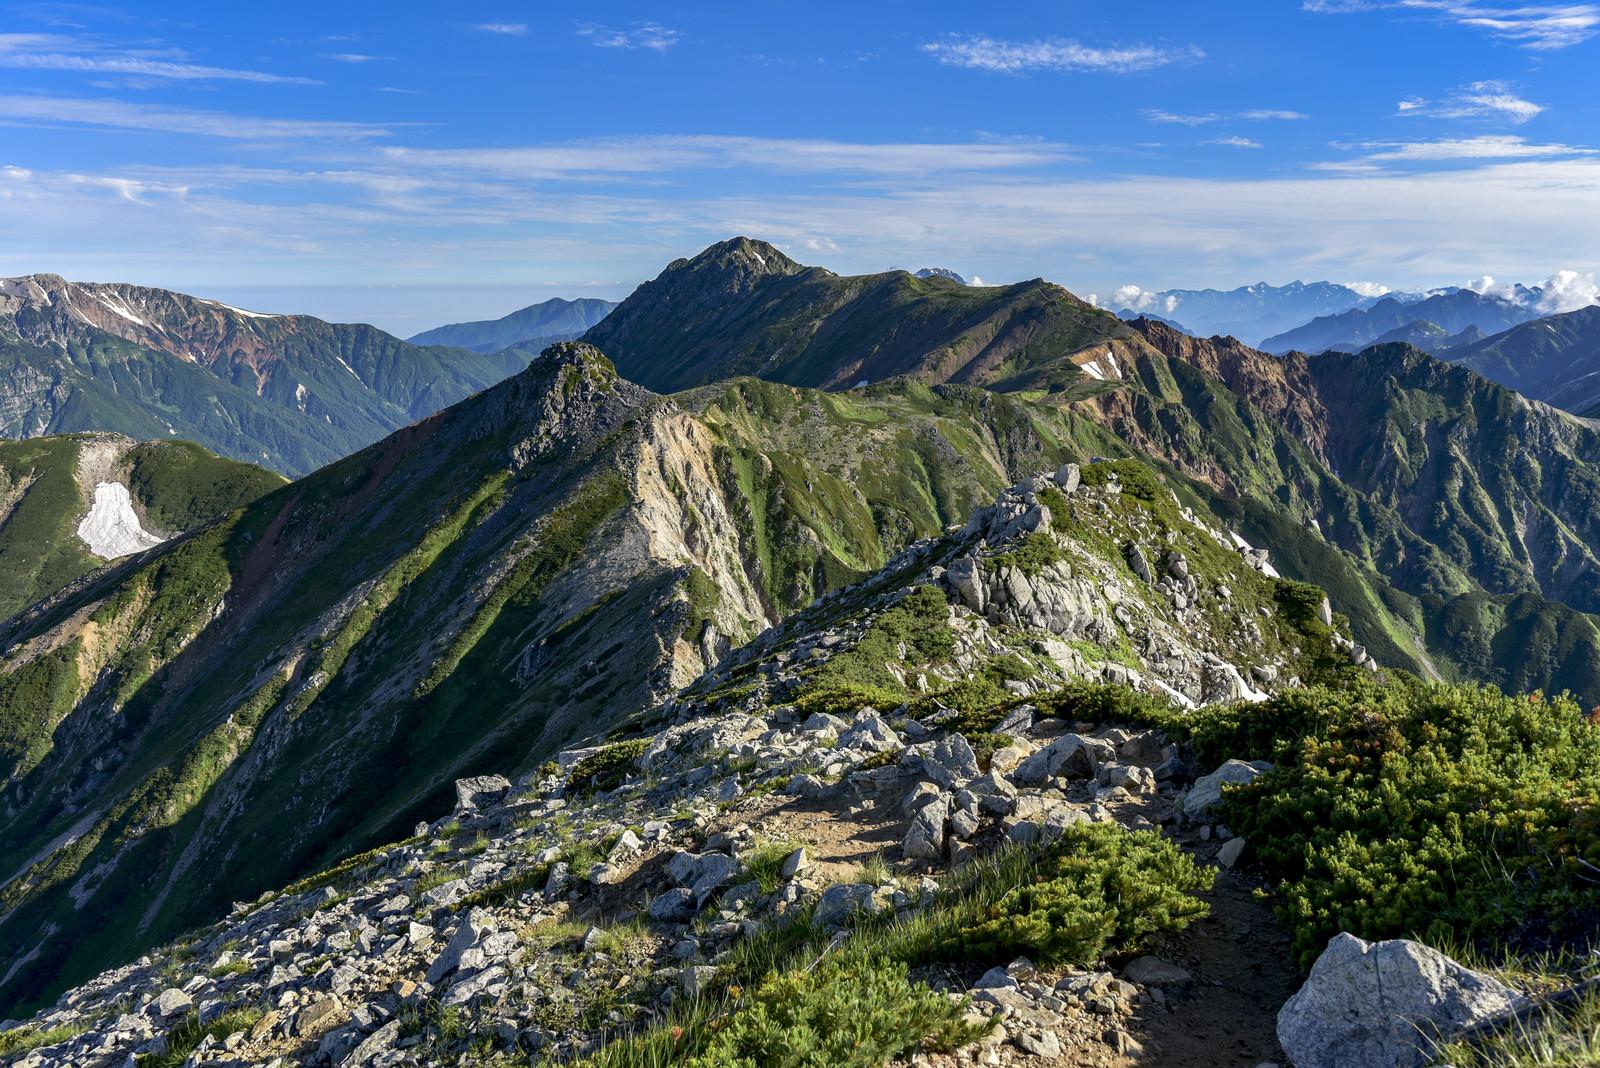 「鷲羽岳から水晶岳へとつながる稜線」の写真